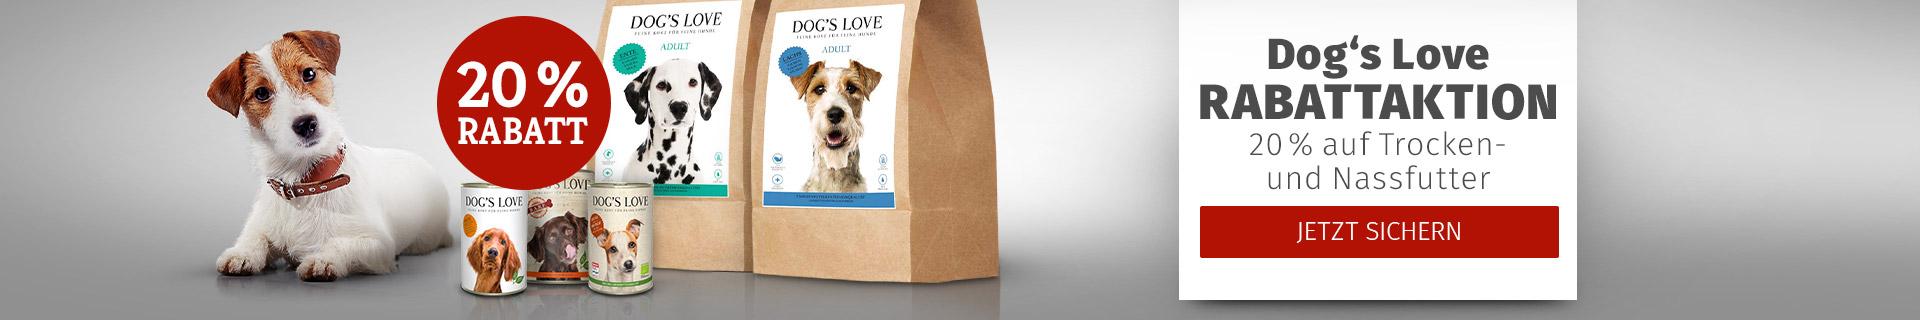 Dog'S Love Rabattaktion 20% auf Trocken- und Nassfutter